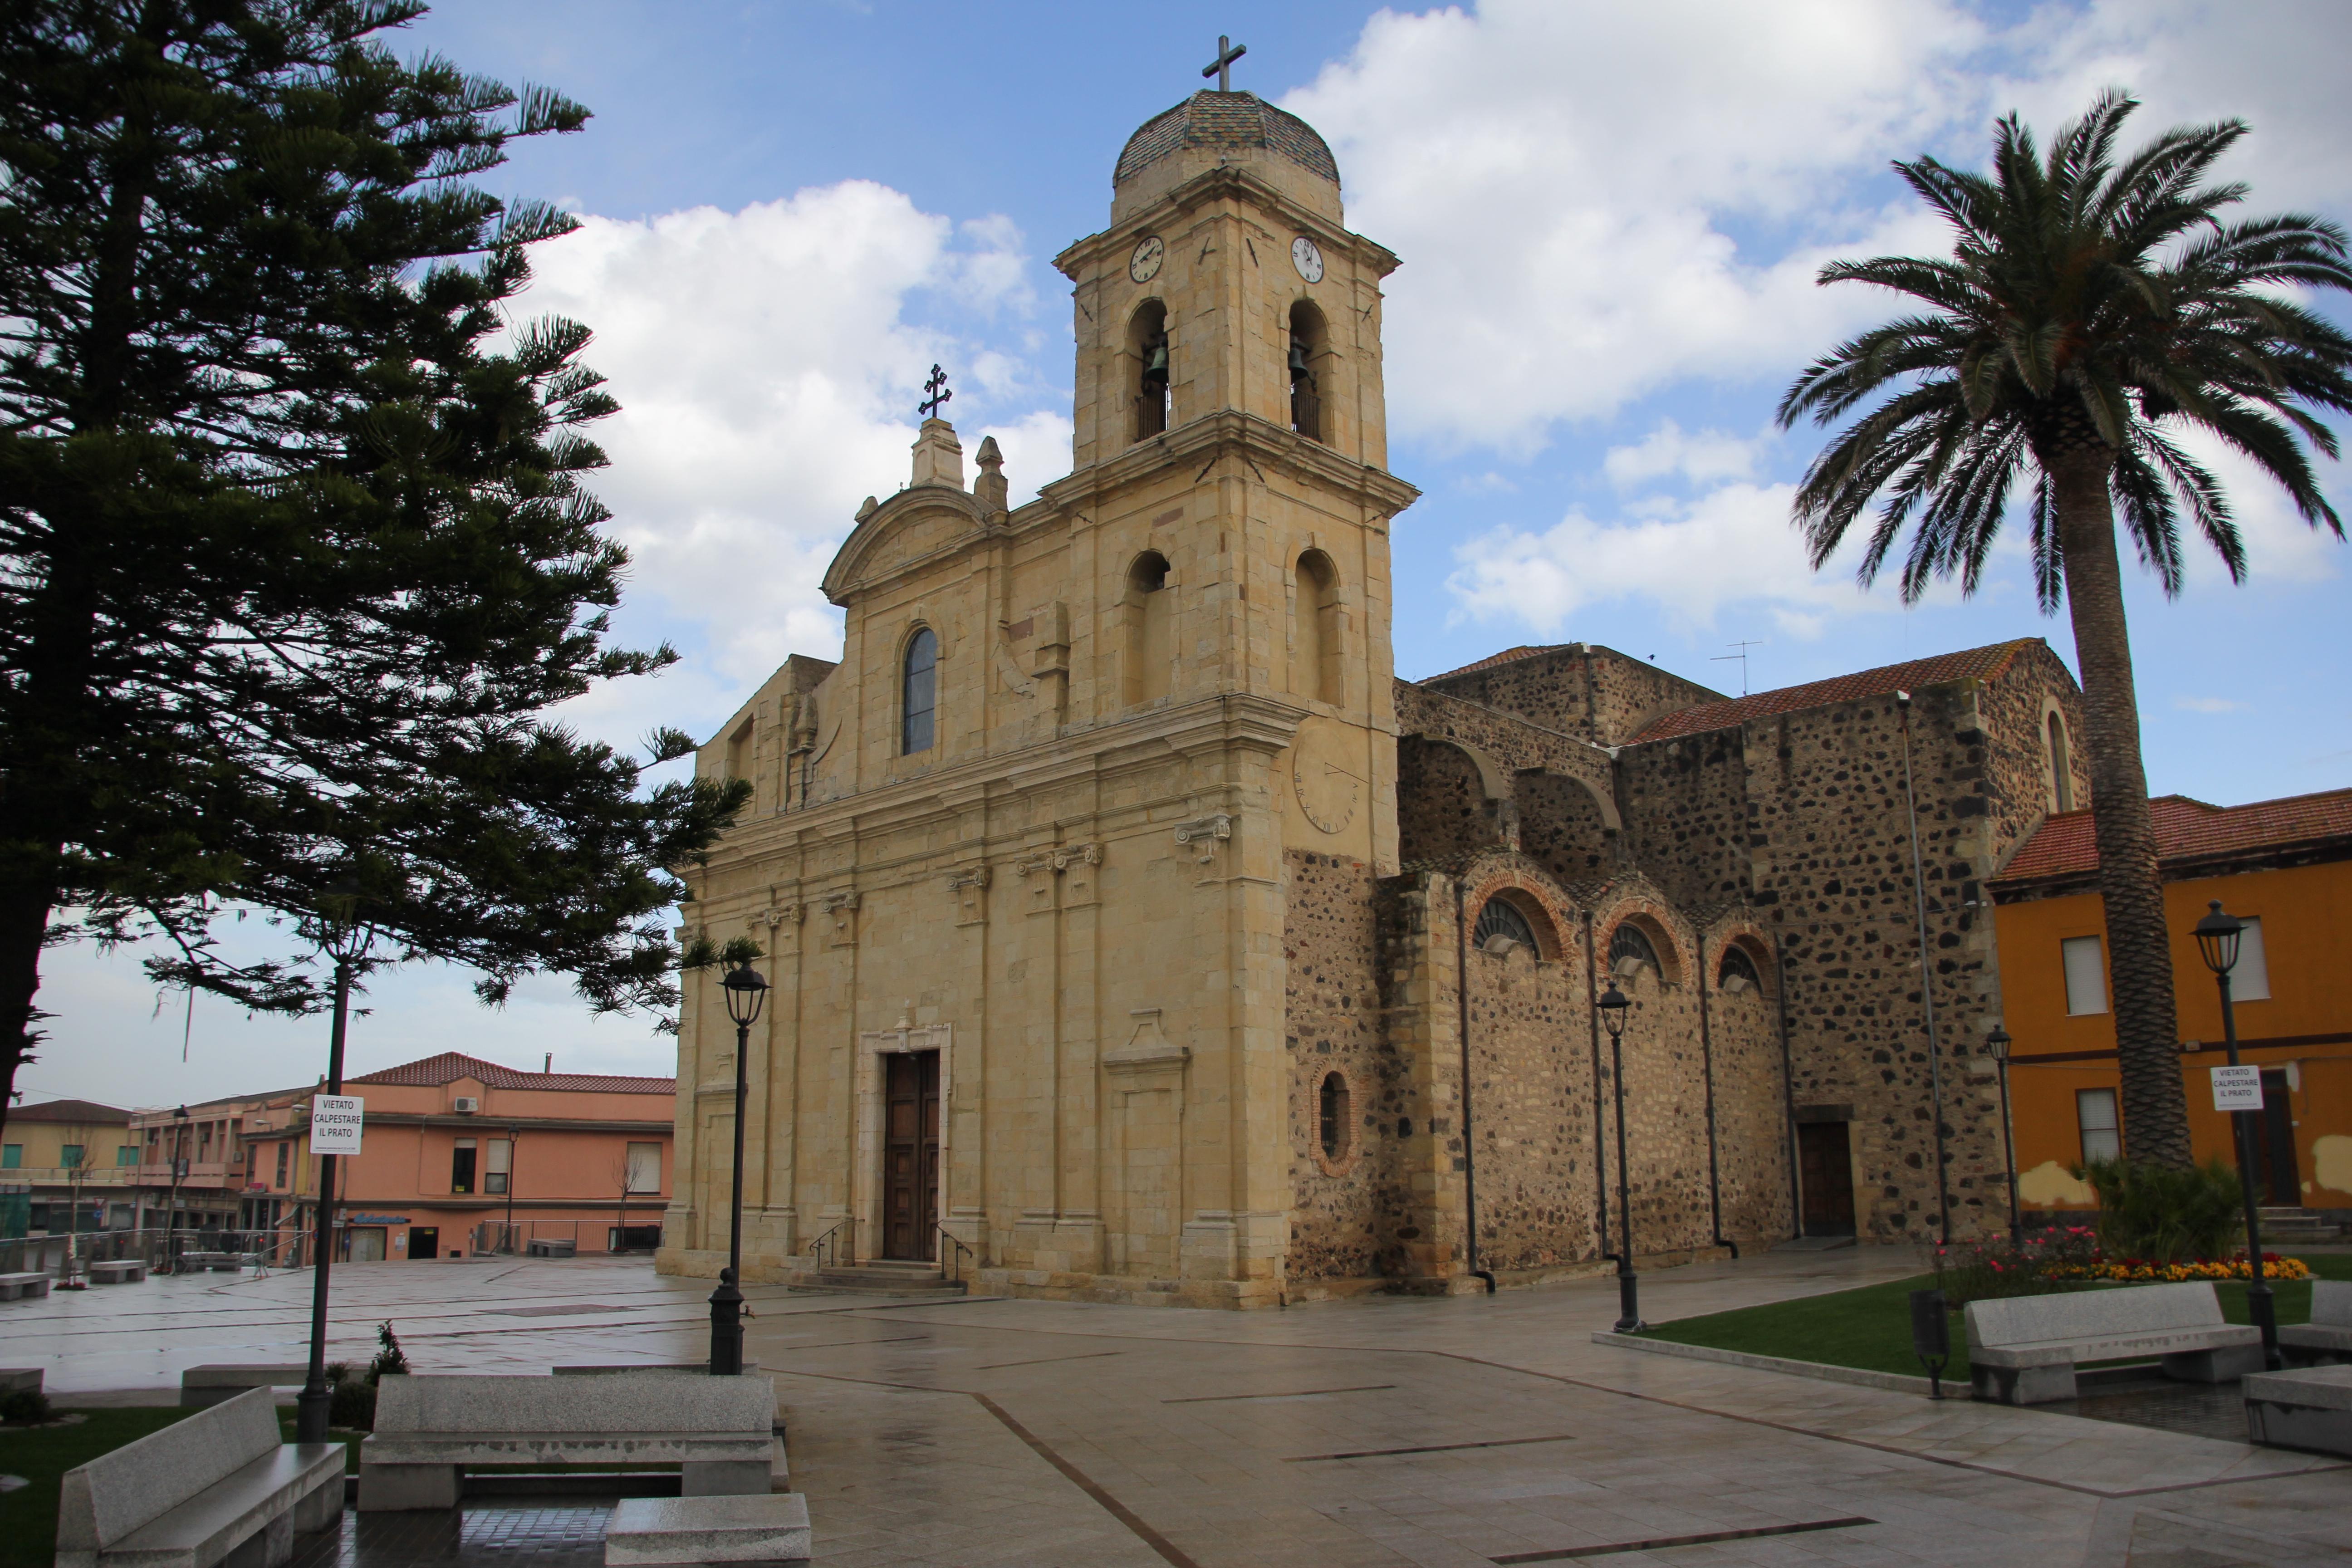 Case Di Pietra Sardegna : Sardegna insolita nel cuore della barbagia pensieri dal mondo